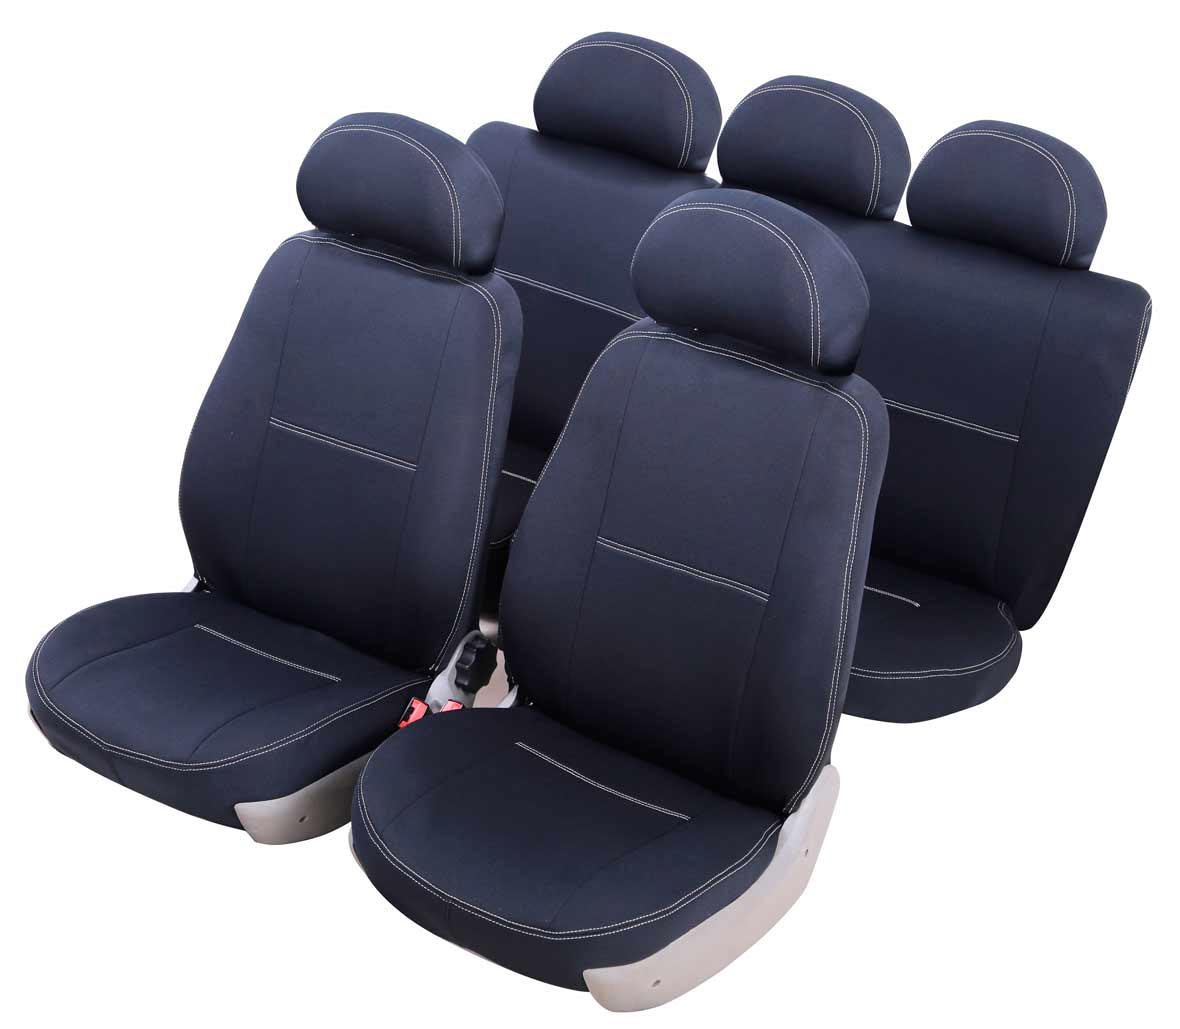 Чехлы на автокресло Azard Standard, для Lada 1118 Kalina (2004-2011 гг), седан, цвет: черныйS01301087Модельные чехлы из полиэстера Azard Standard. Разработаны в РФ индивидуально для каждого автомобиля.Чехлы Azard Standard серийно выпускаются на собственном швейном производстве в России.Чехлы идеально повторяют штатную форму сидений и выглядят как оригинальная обивка сидений. Для простоты установки используется липучка Velcro, учтены все технологические отверстия.Чехлы сохраняют полную функциональность салона - трансформация сидений, возможность установки детских кресел ISOFIX, не препятствуют работе подушек безопасности AIRBAG и подогрева сидений.Дизайн чехлов Azard Standard приближен к оригинальной обивке салона. Декоративная контрастная прострочка по периметру авточехлов придает стильный и изысканный внешний вид интерьеру автомобиля.Чехлы Azard Standard изготовлены из полиэстера, триплированного огнеупорным поролоном толщиной 3 мм, за счет чего чехол приобретает дополнительную мягкость. Подложка из спандбонда сохраняет свойства поролона и предотвращает его разрушение.Авточехлы Azard Standard просты в уходе - загрязнения легко удаляются влажной тканью.